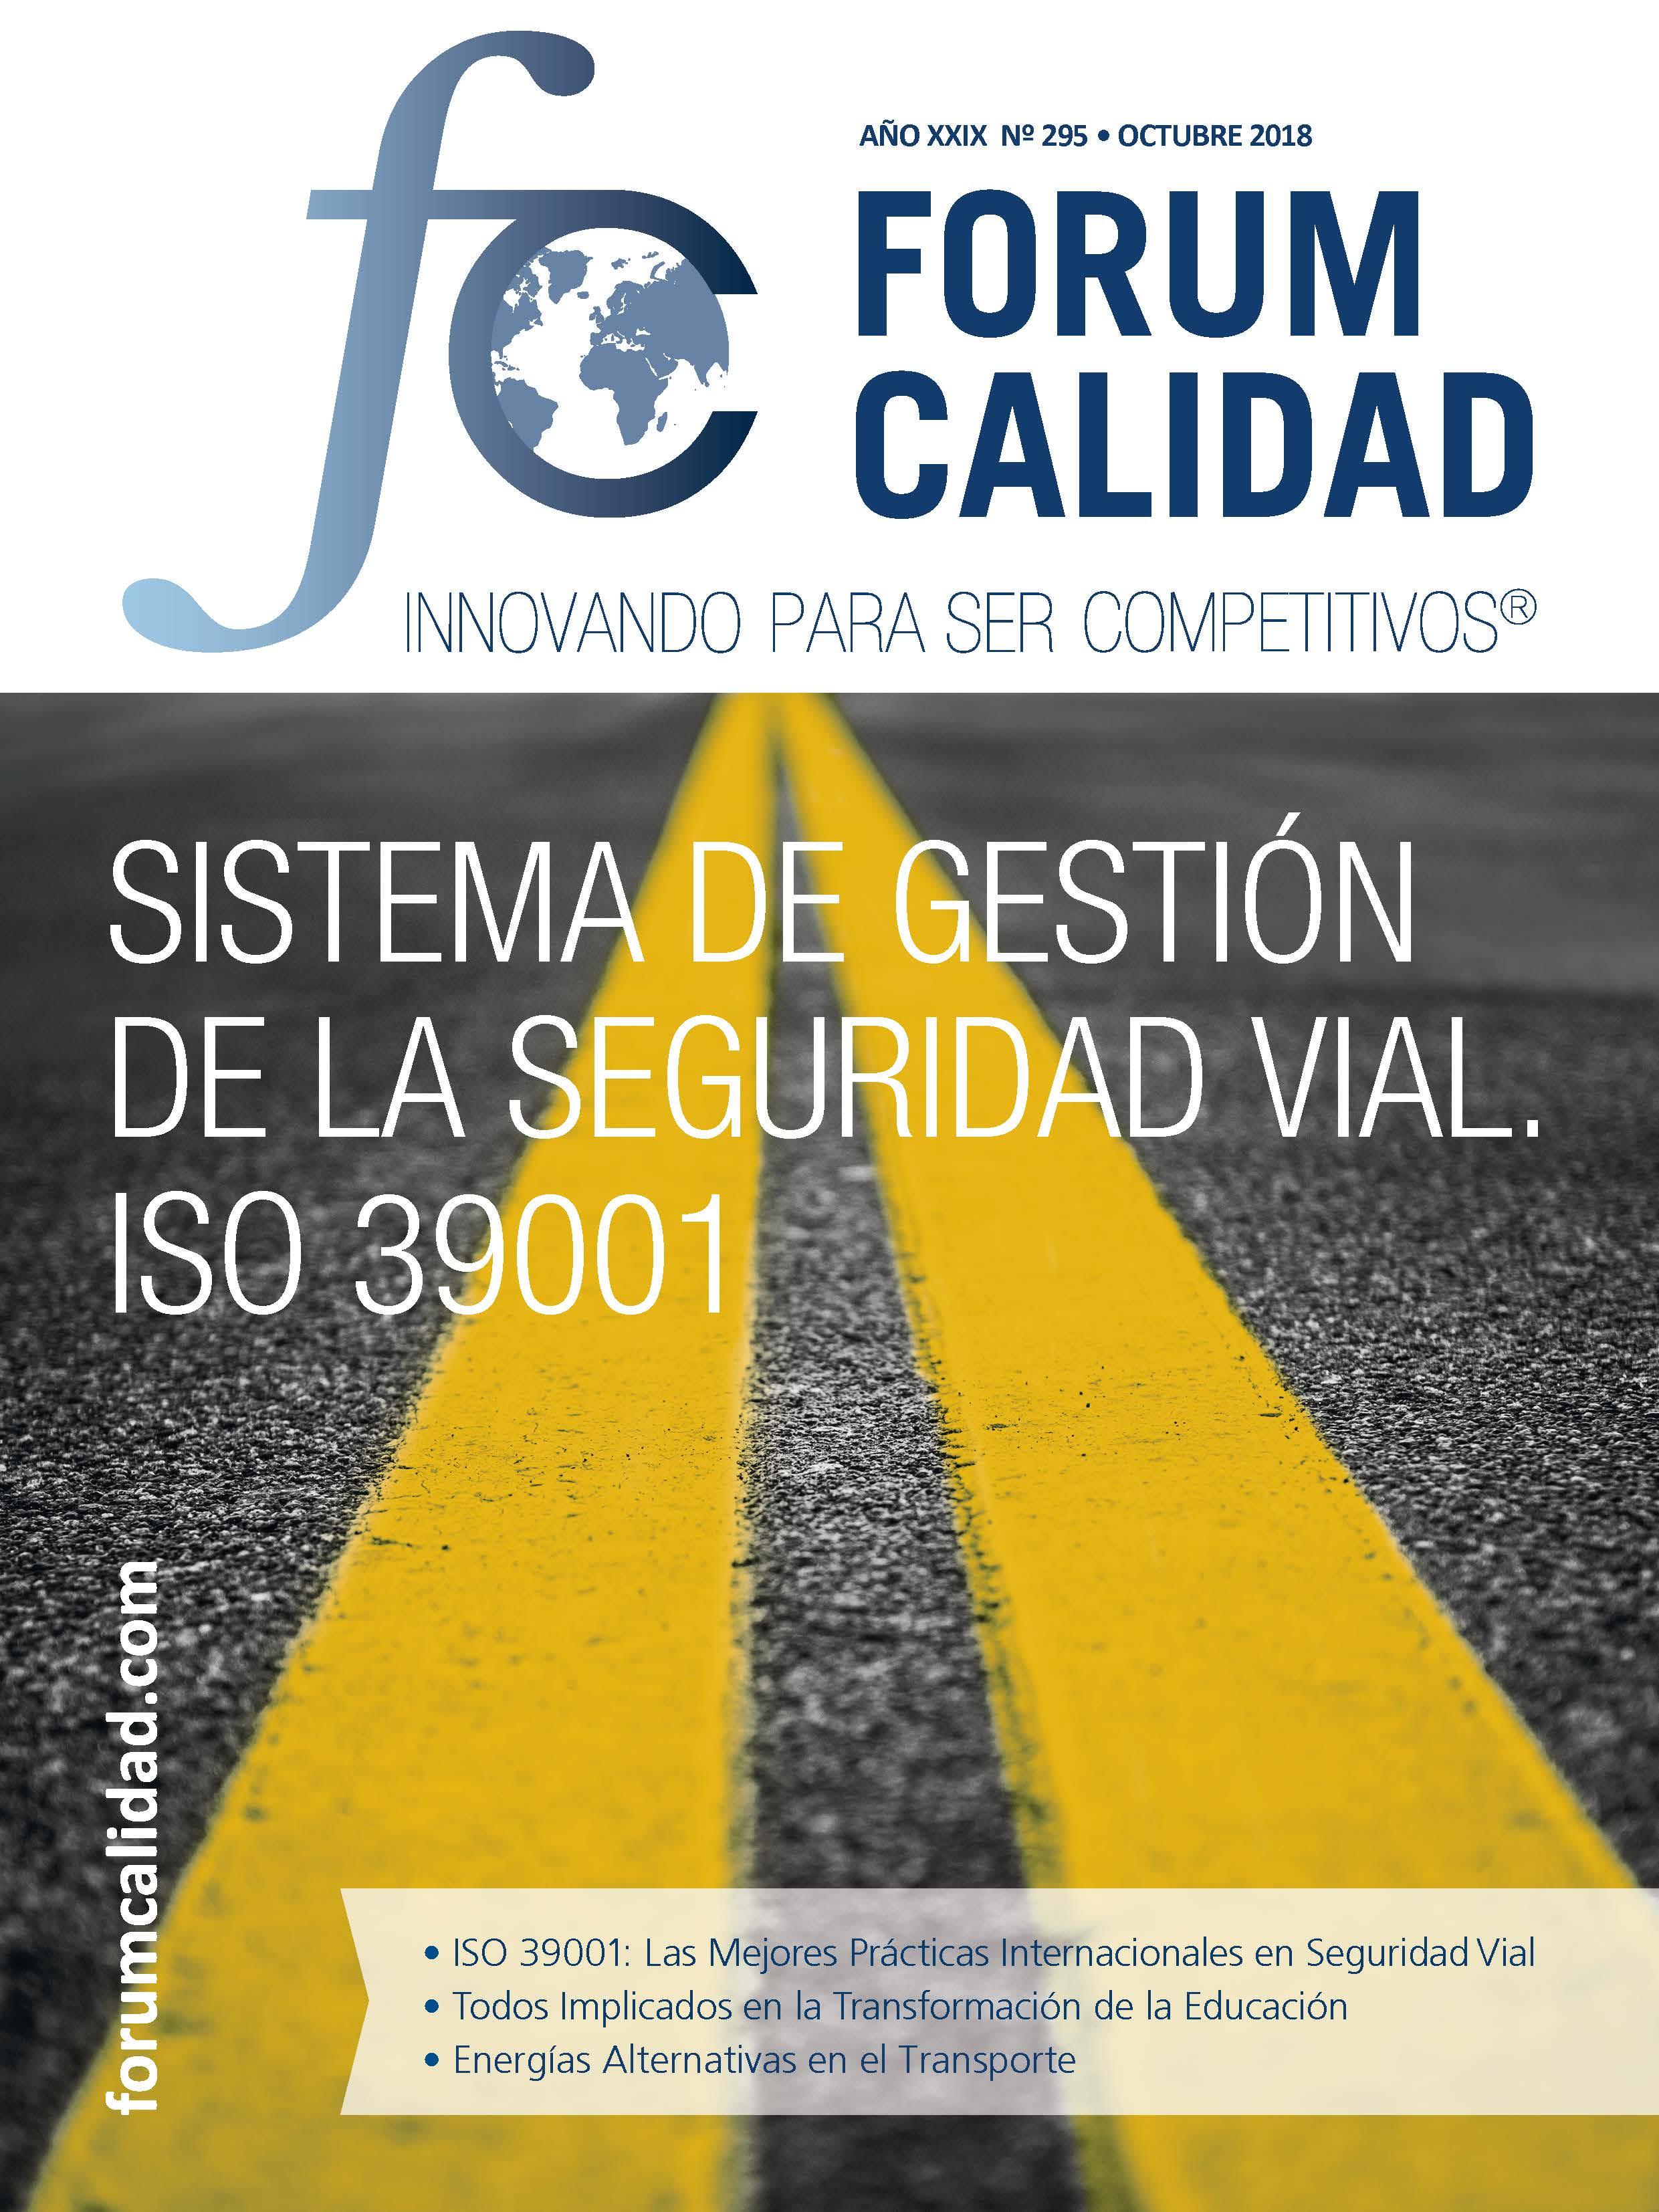 Forum Calidad nº 295 Octubre 2018